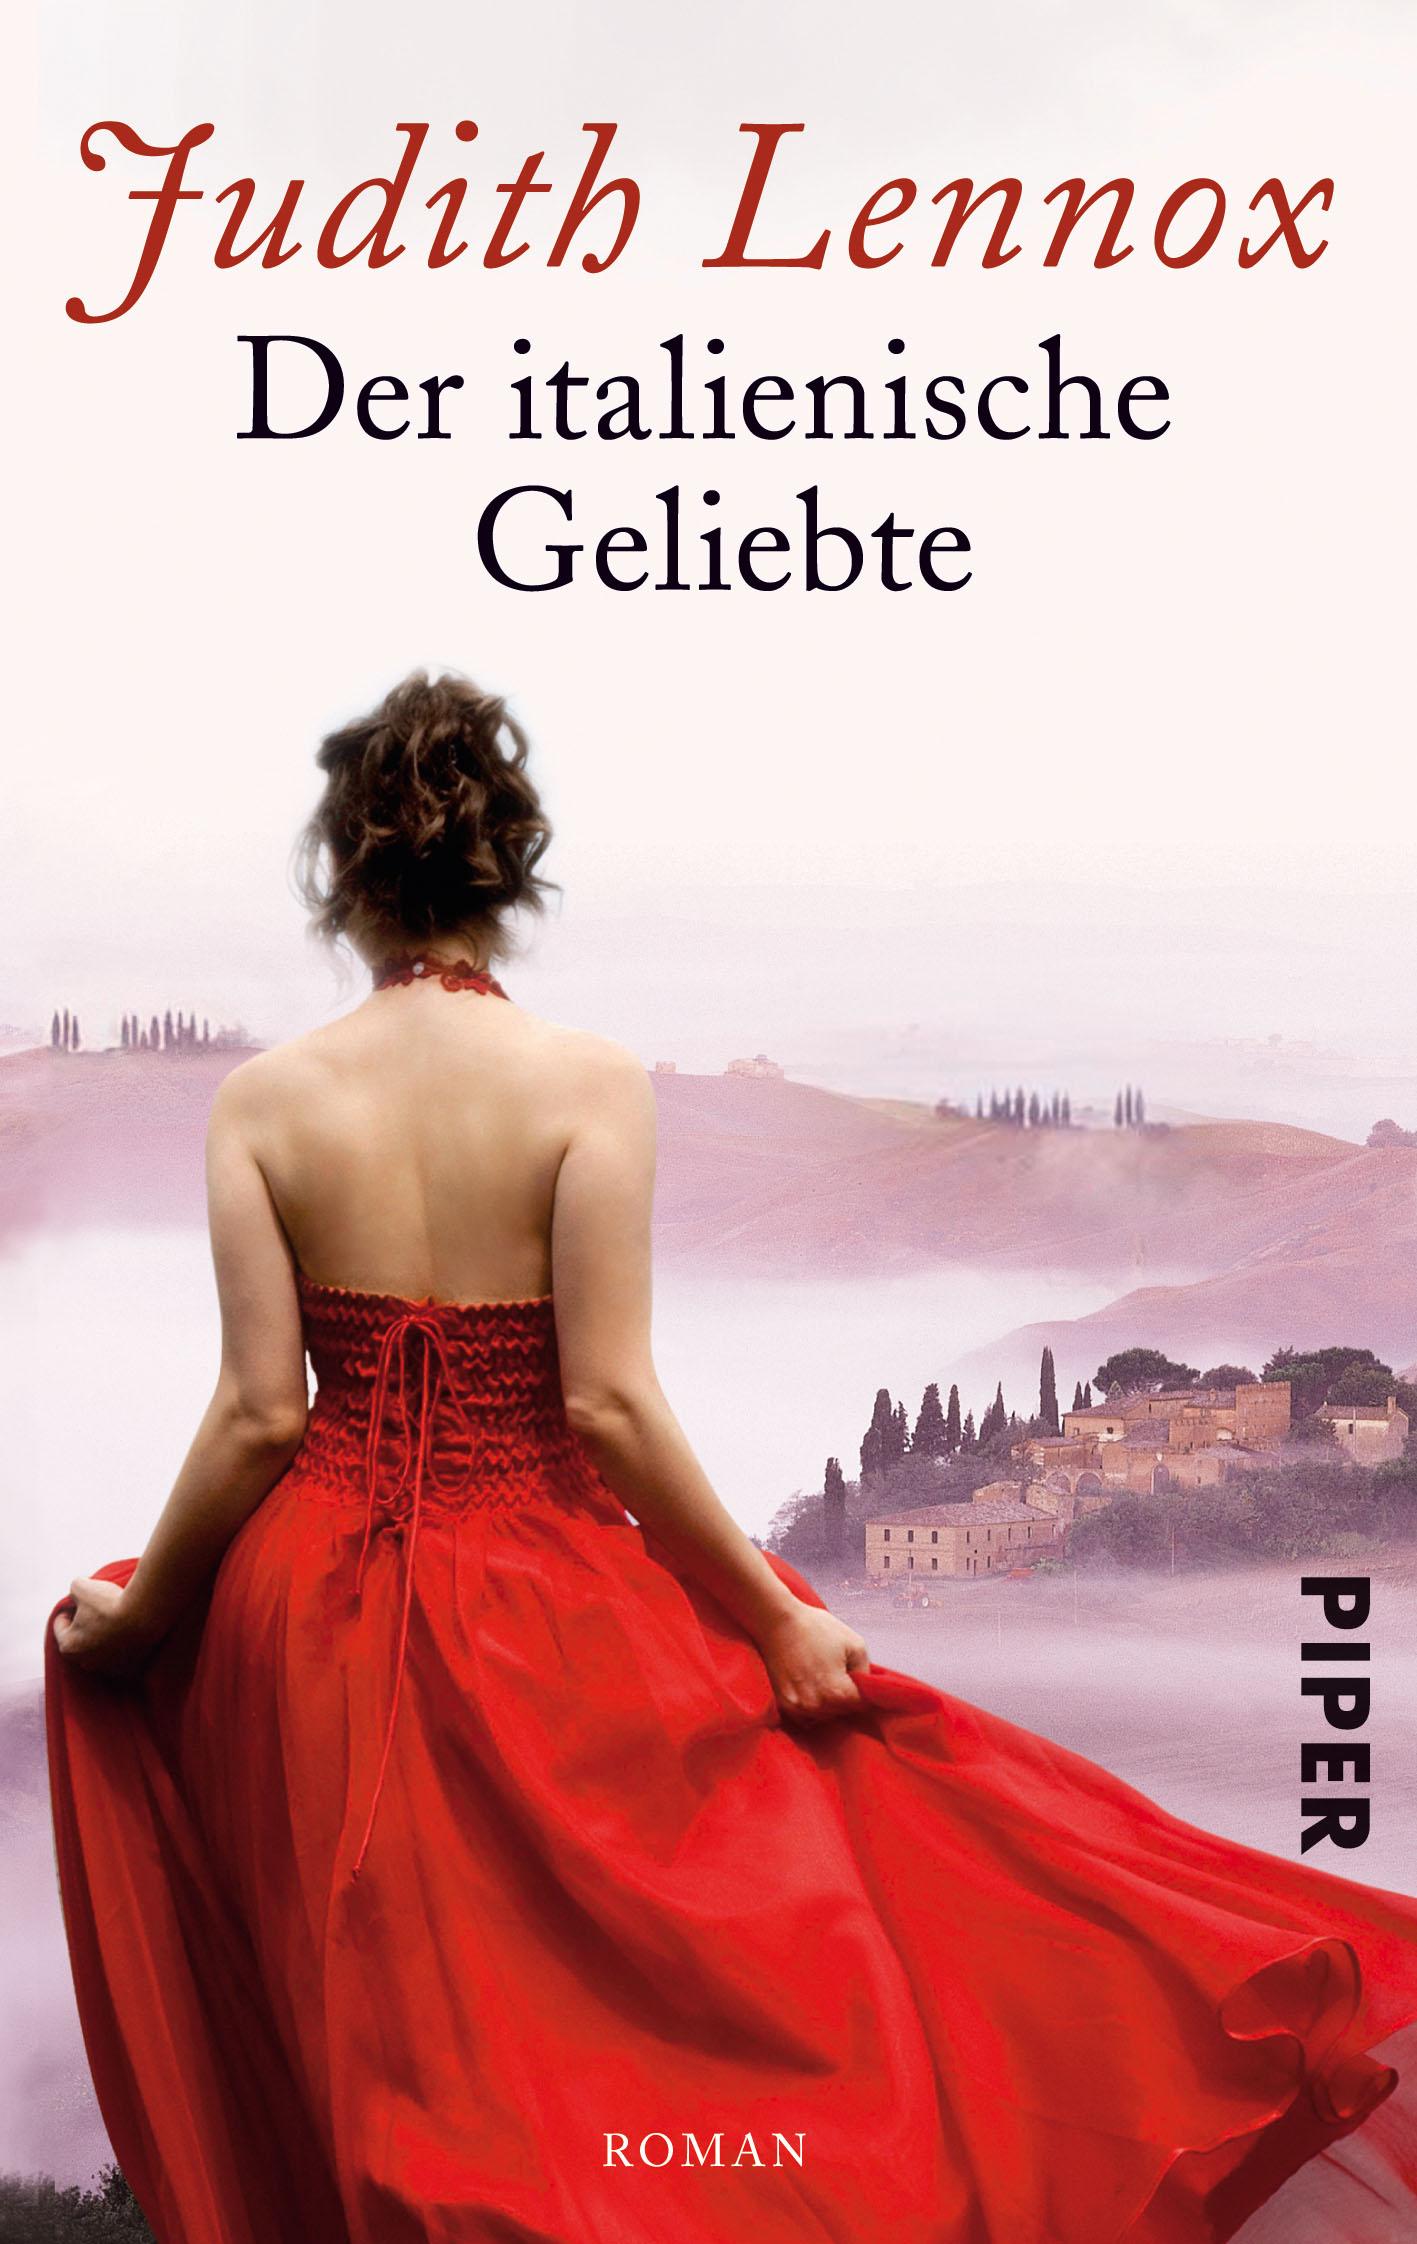 Der italienische Geliebte - Judith Lennox [Taschenbuch]